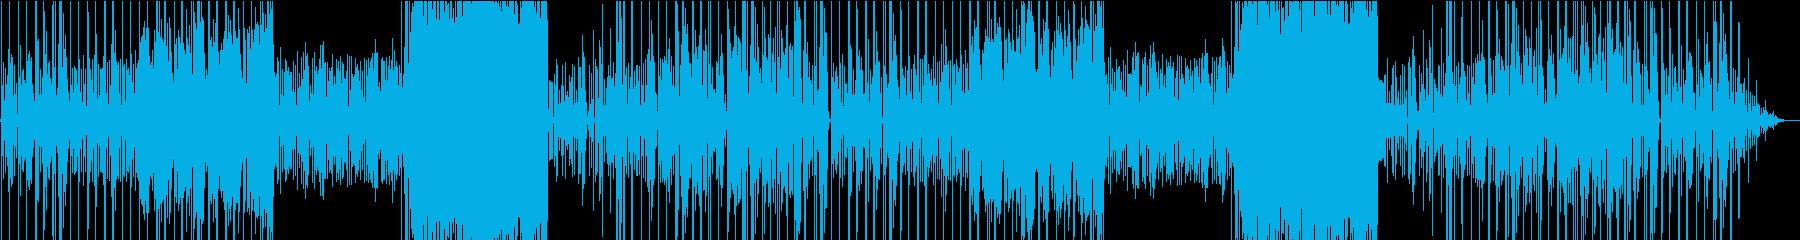 静か目リズムの楽しいチップチューンの再生済みの波形